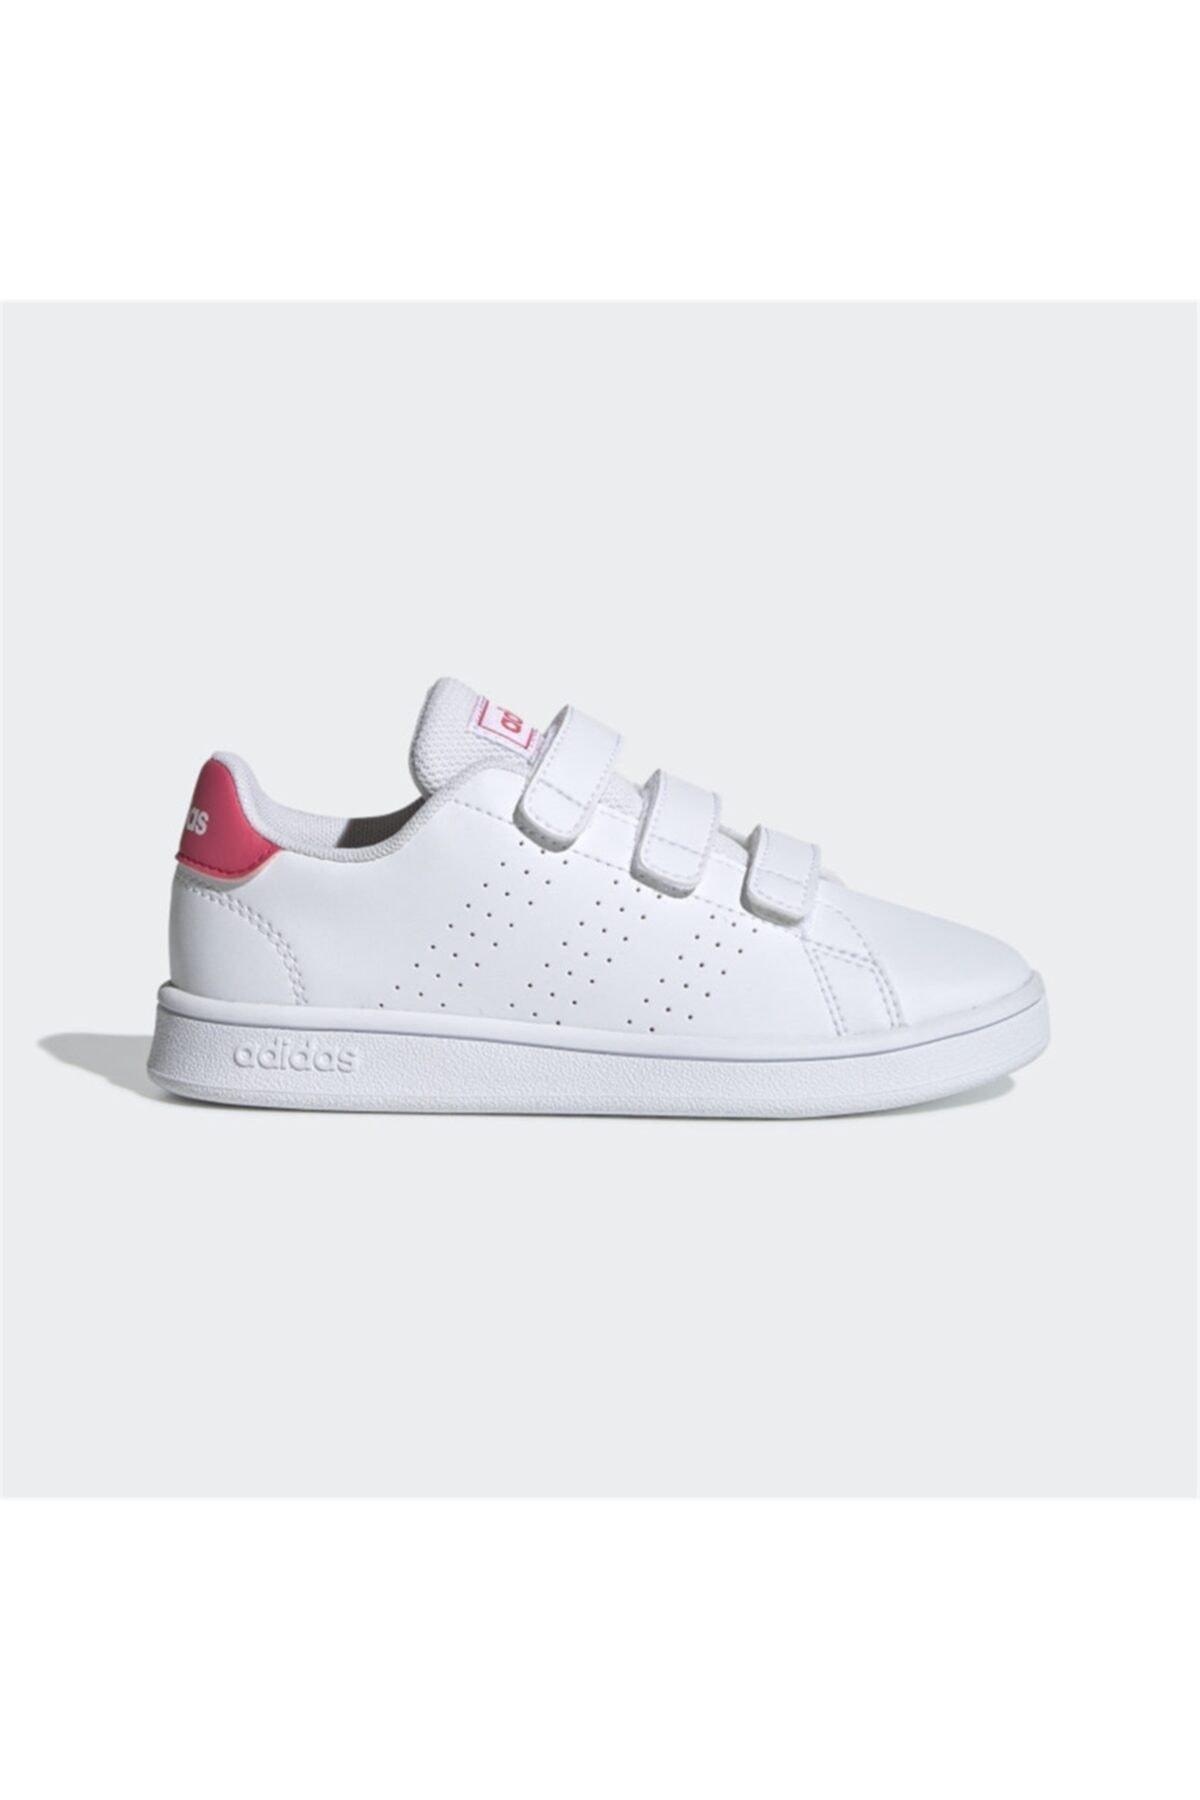 adidas ADVANTAGE Beyaz Kız Çocuk Sneaker Ayakkabı 100481652 1